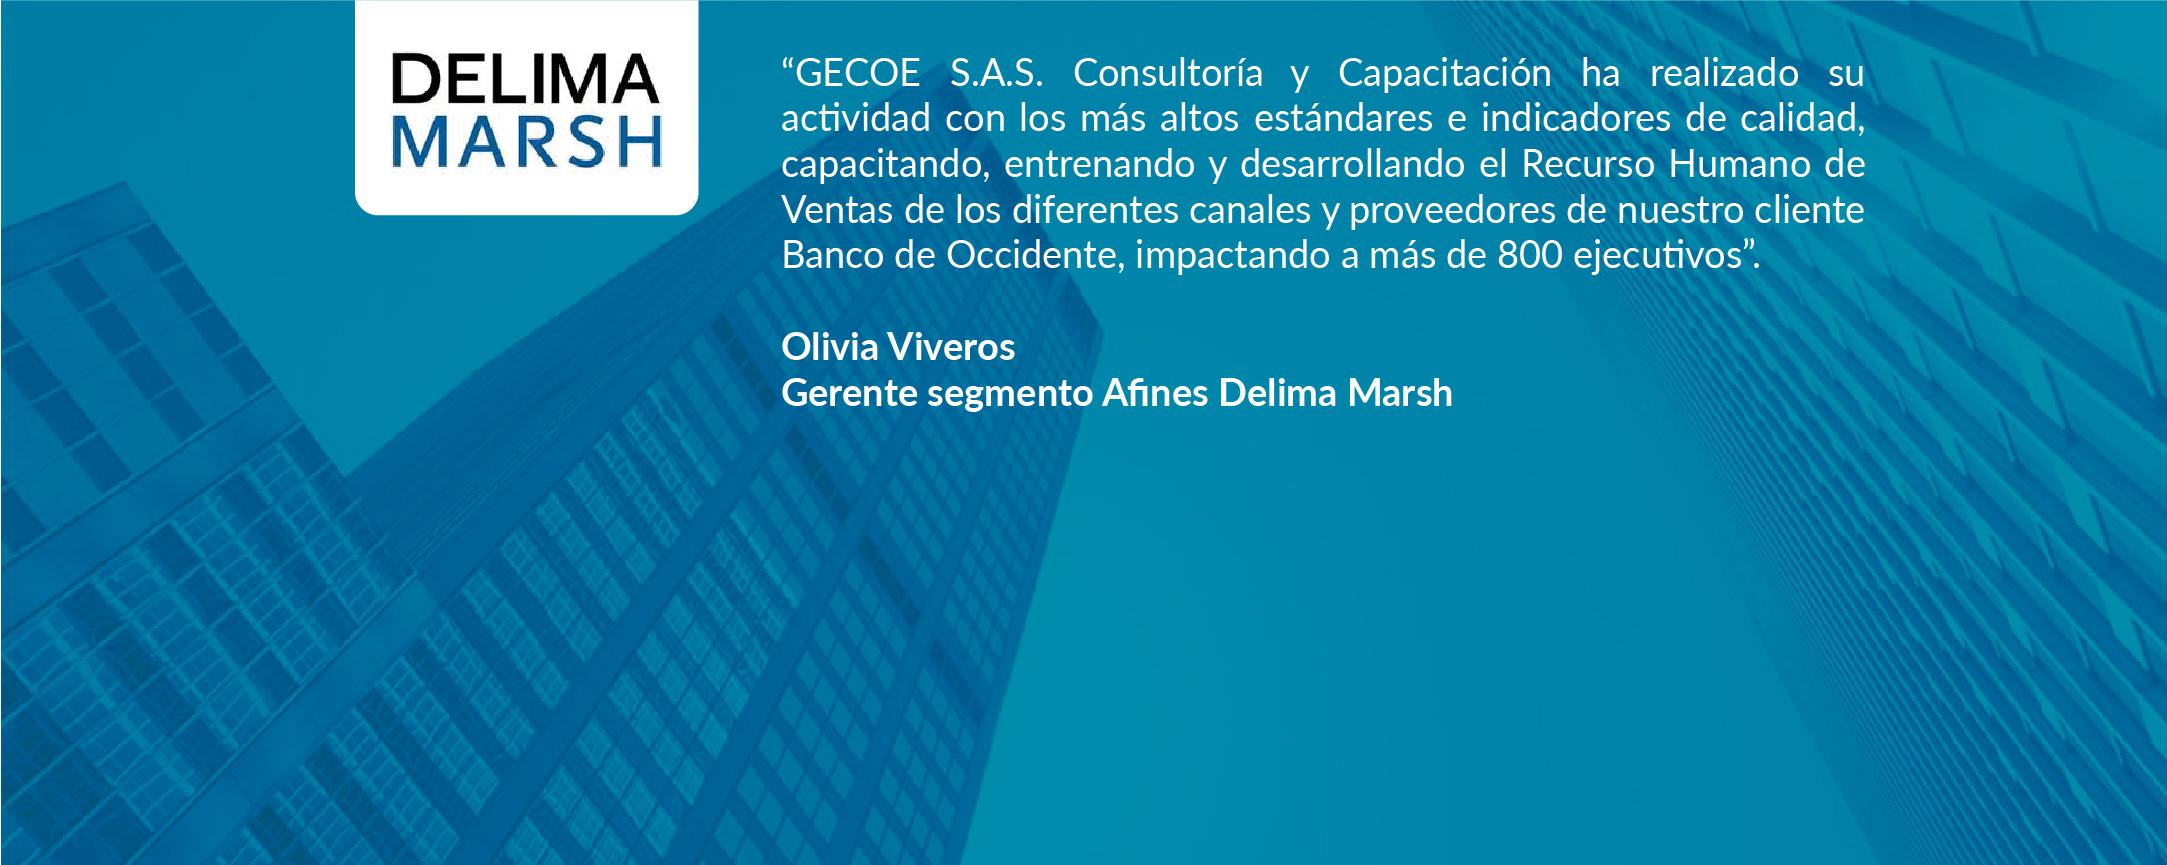 http://gecoe.com.co/wp-content/uploads/2016/09/testimonial-DELIMA-MARSH-09.jpg